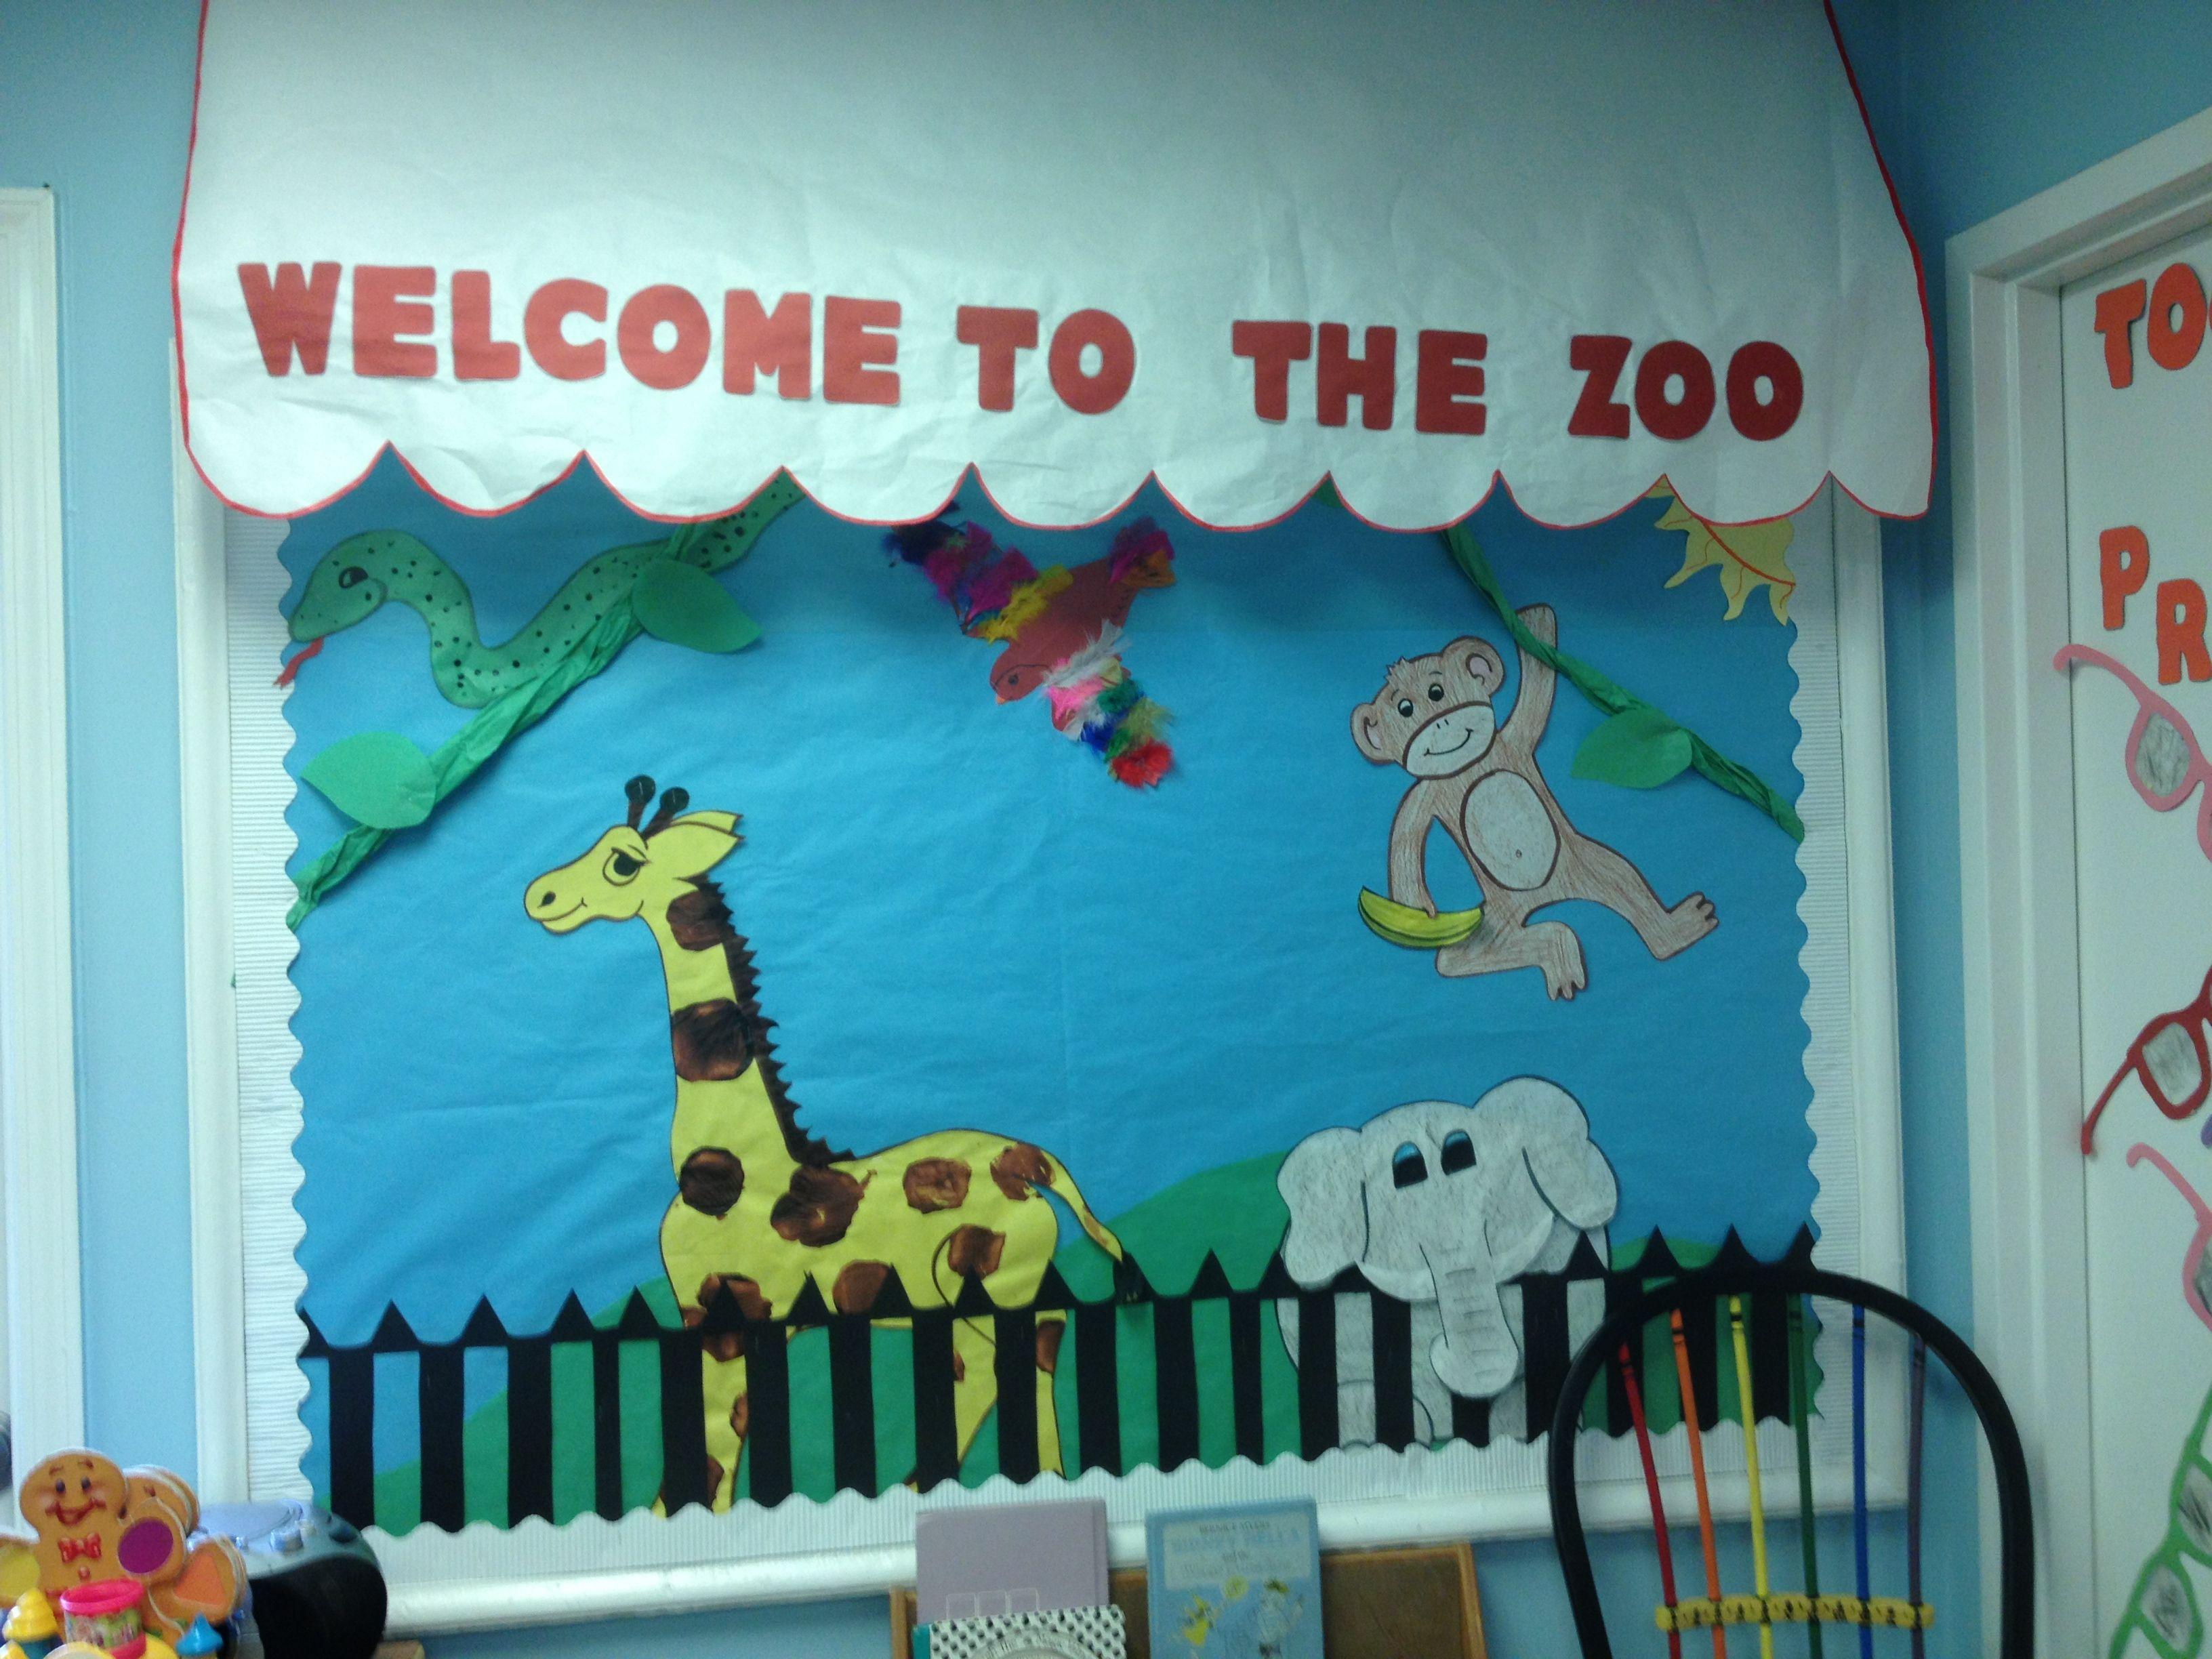 Zoo bulletin board bulletin board ideas pinterest for Cork board decorating ideas pinterest